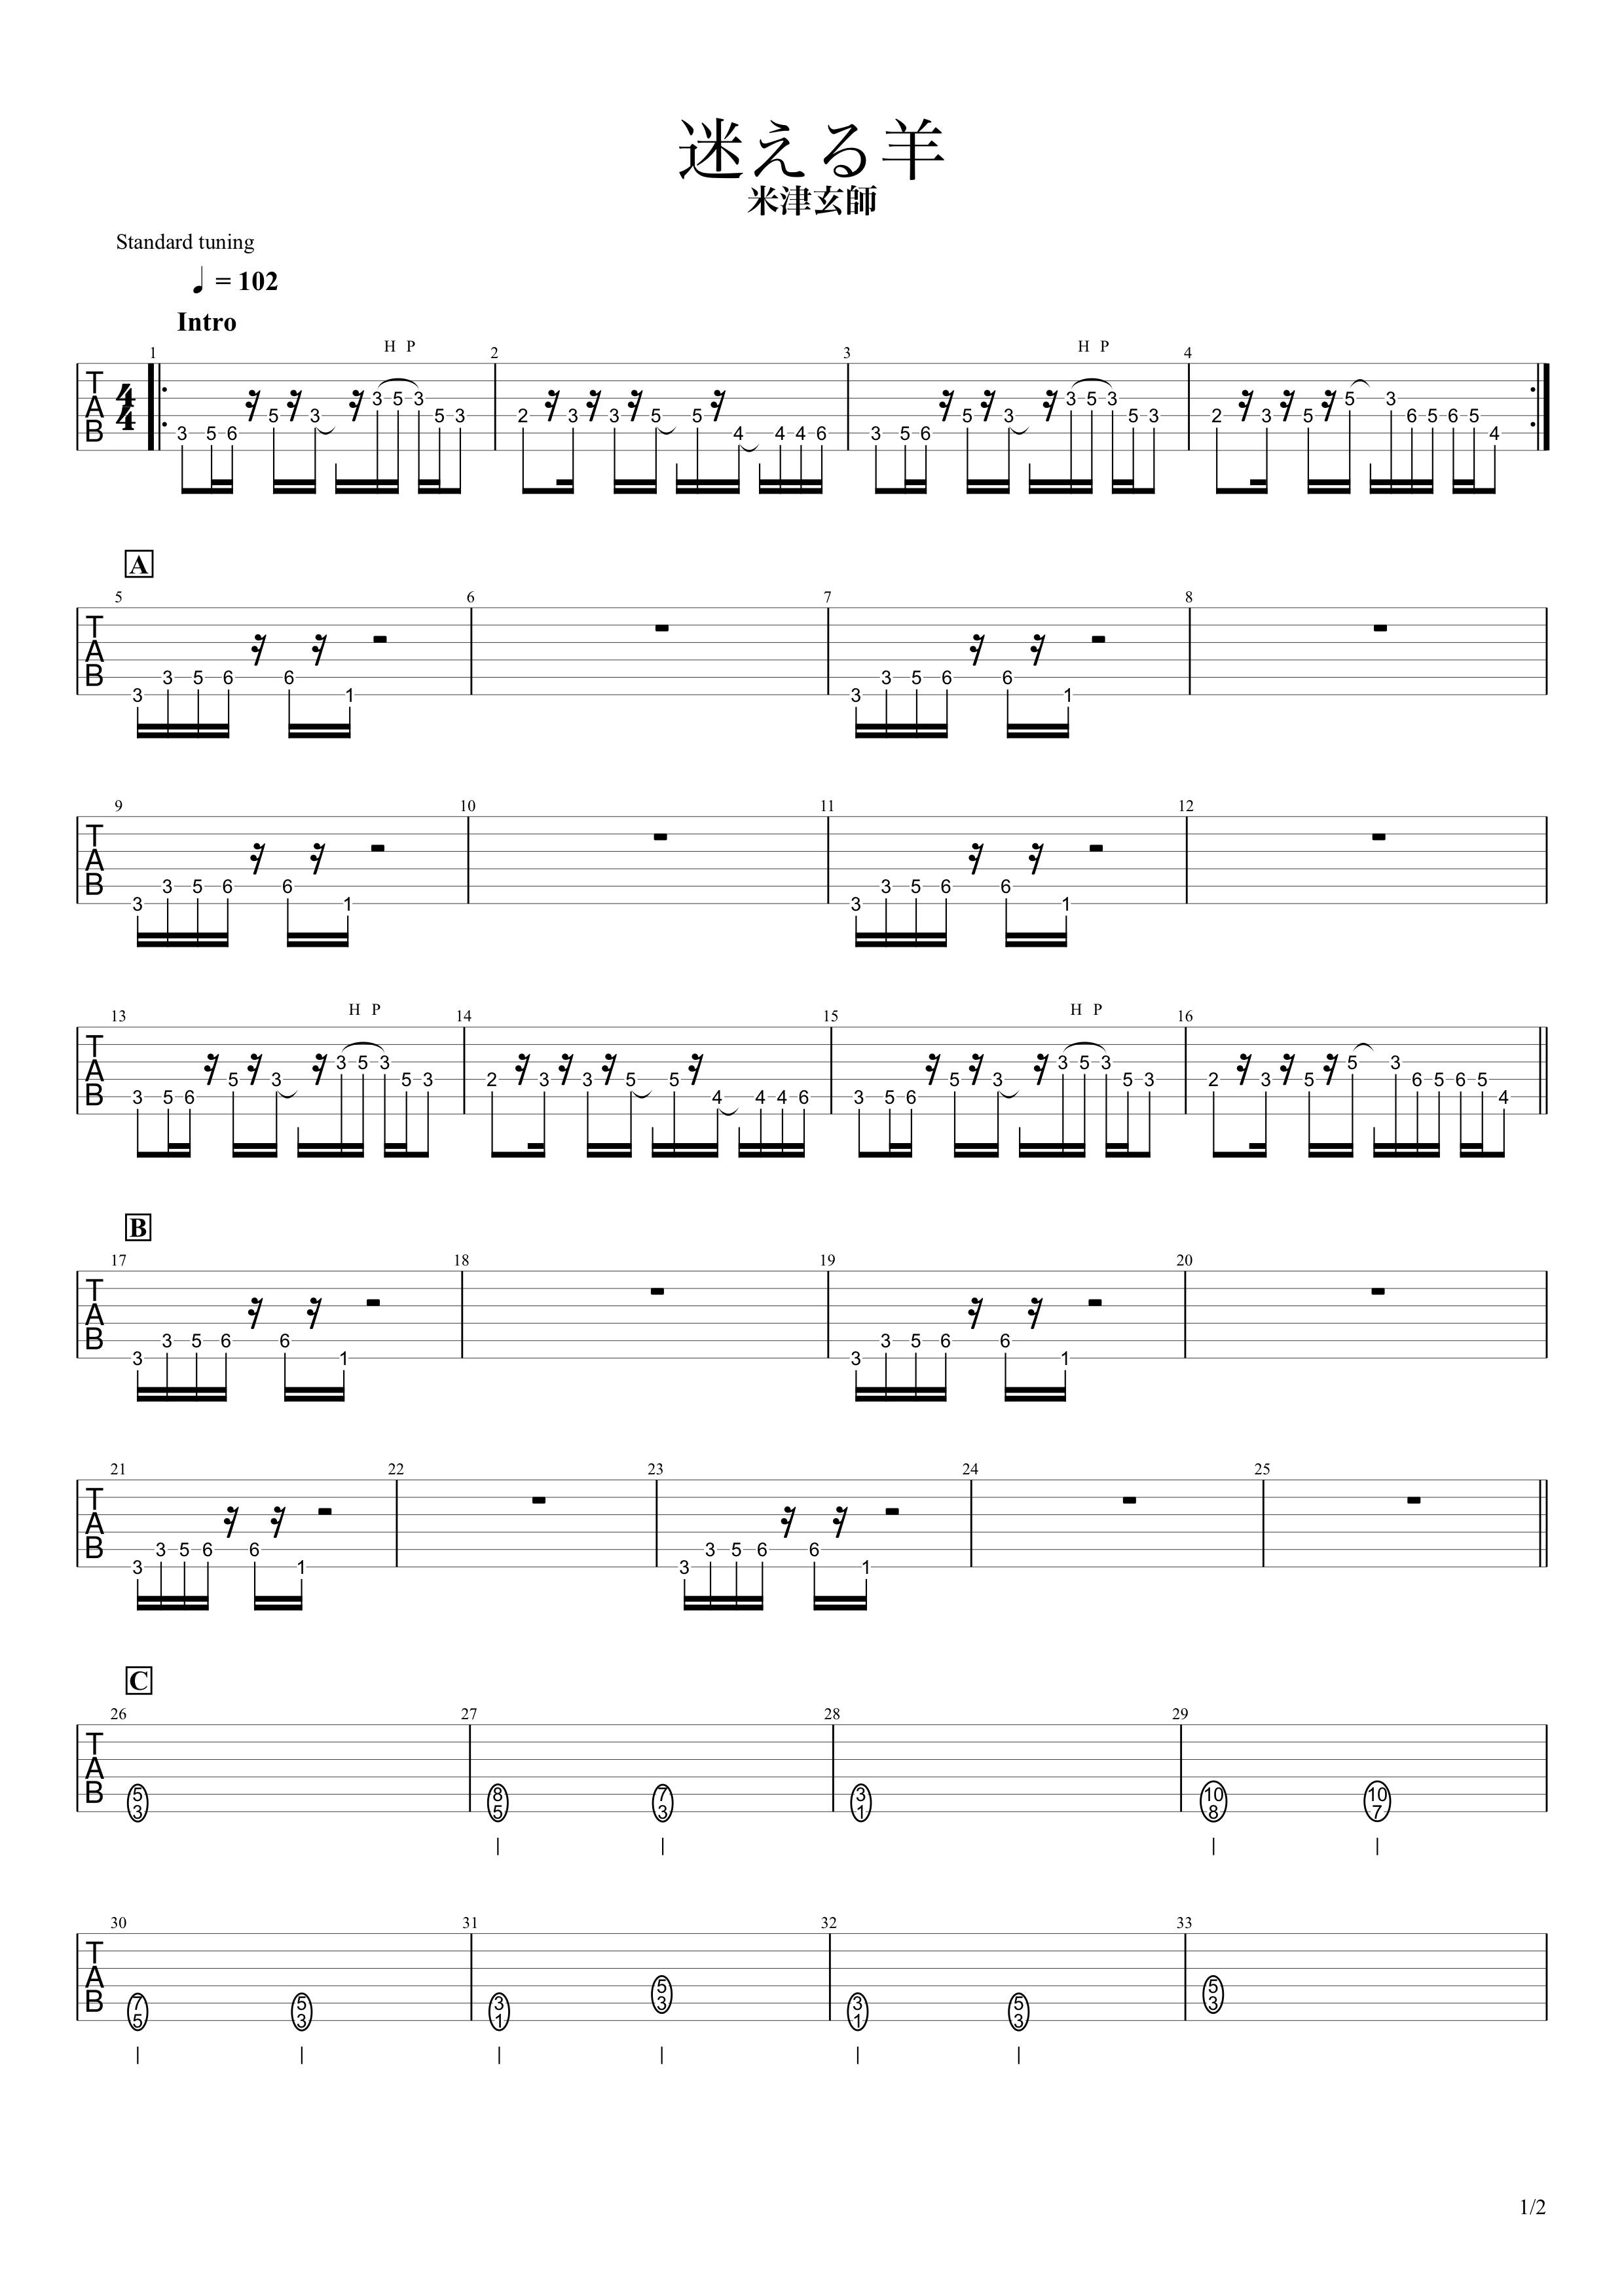 迷える羊/米津玄師 ギタータブ譜 イントロリードギター完コピVer.01